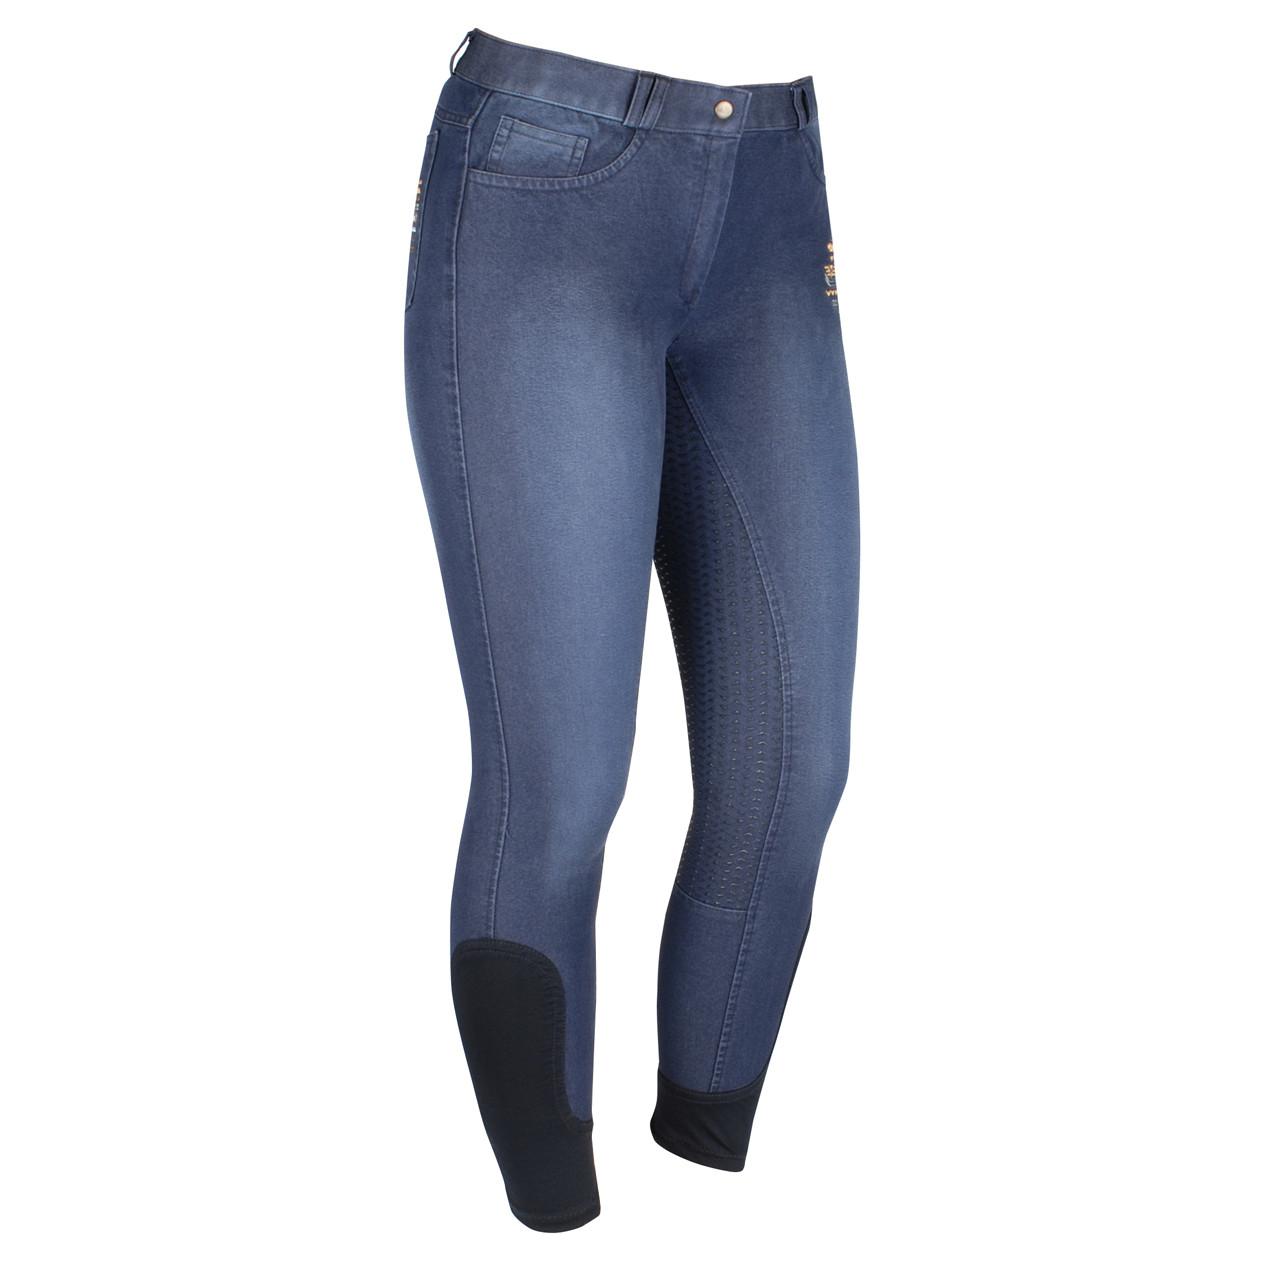 Mondoni Eivissa rijbroek jeans maat:44